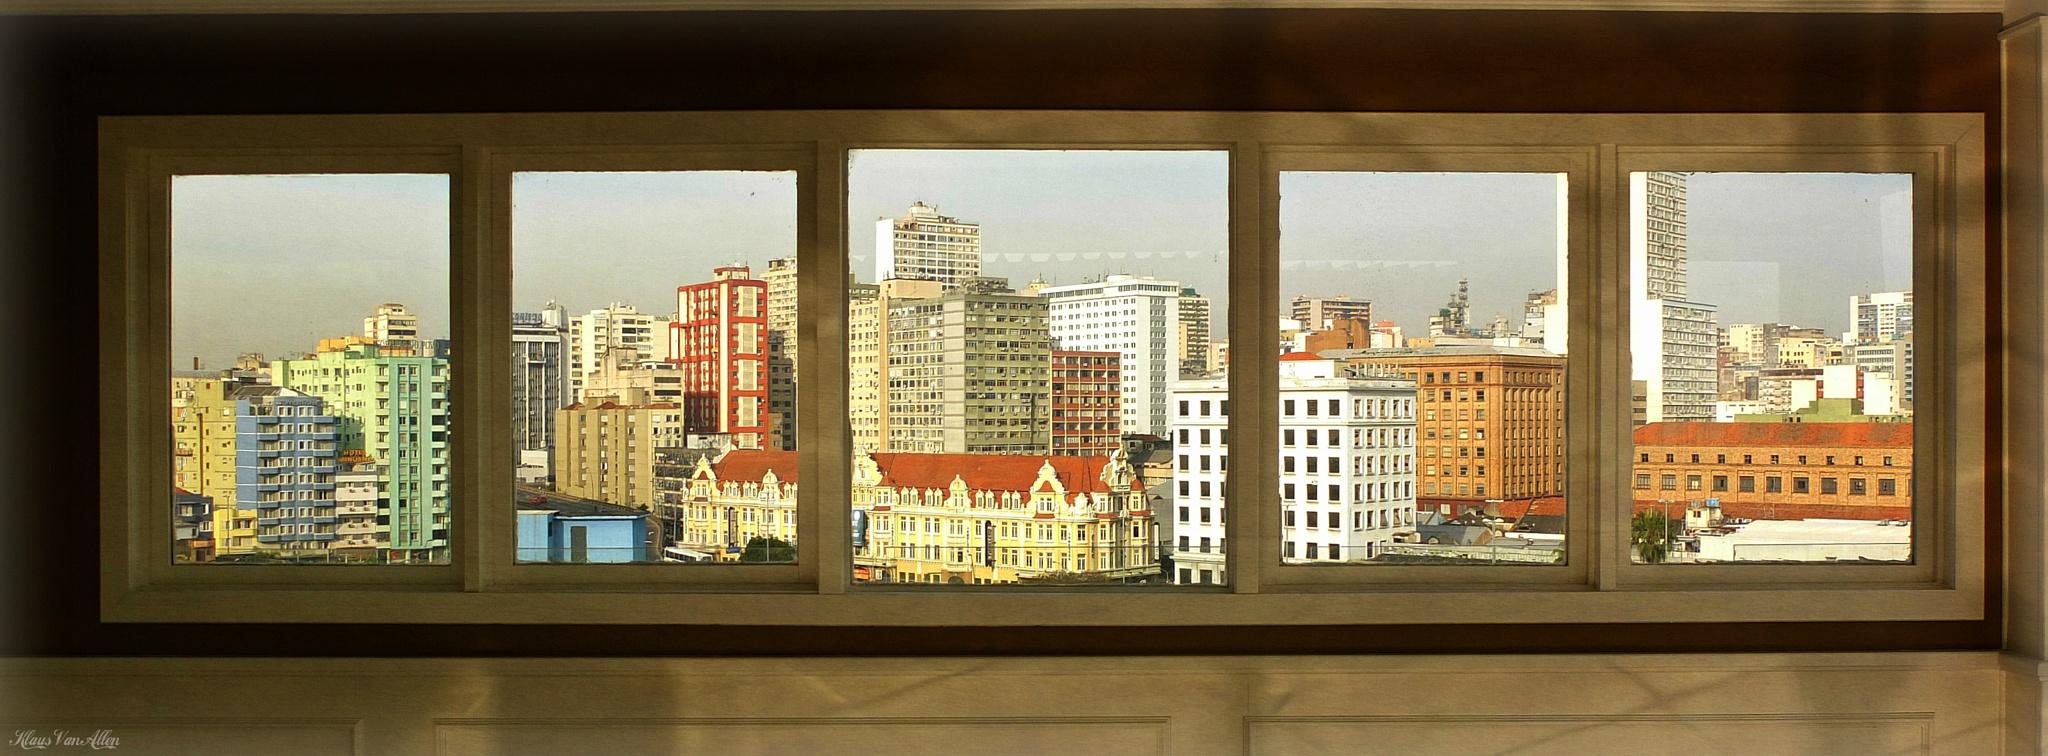 By my window by Klaus Van Allen